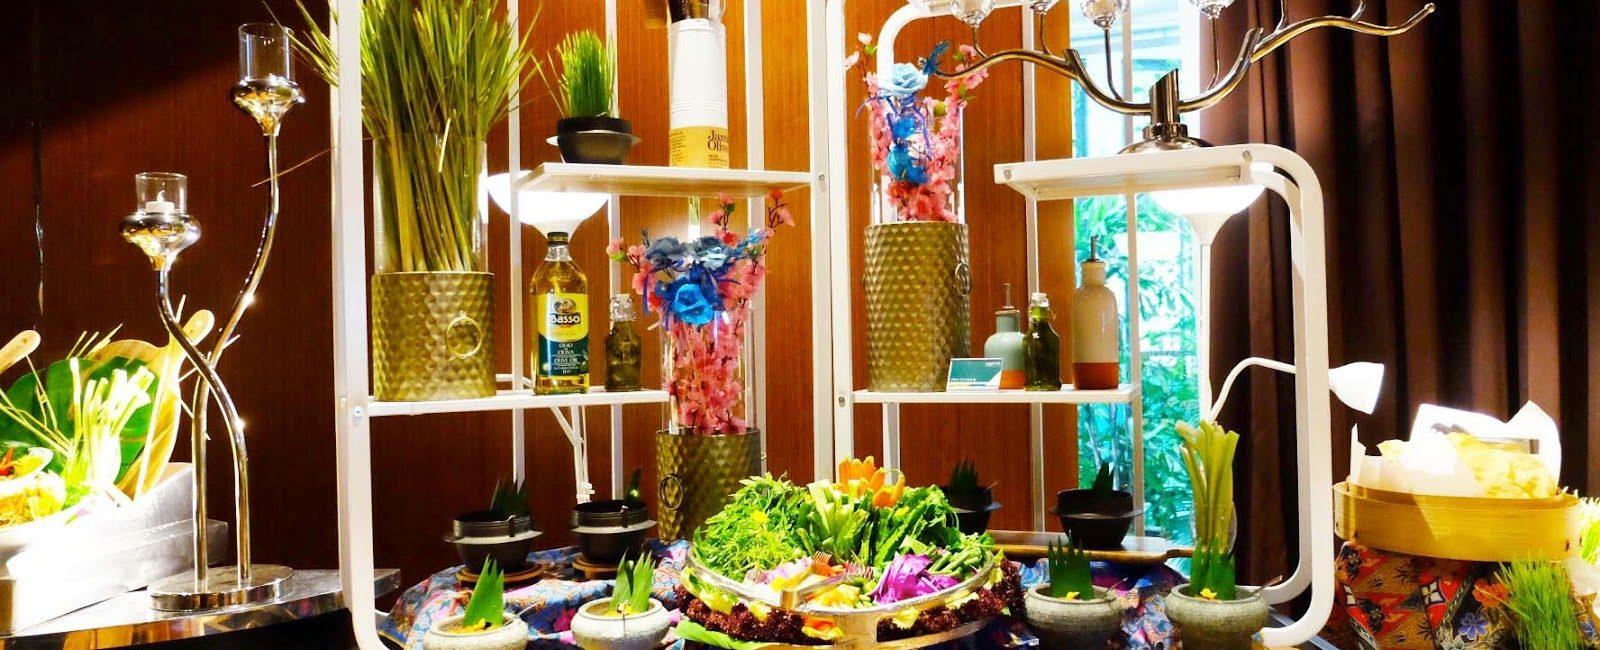 Rasa-Rasa Ramadan Buffet @ The Oak Room, Nexus